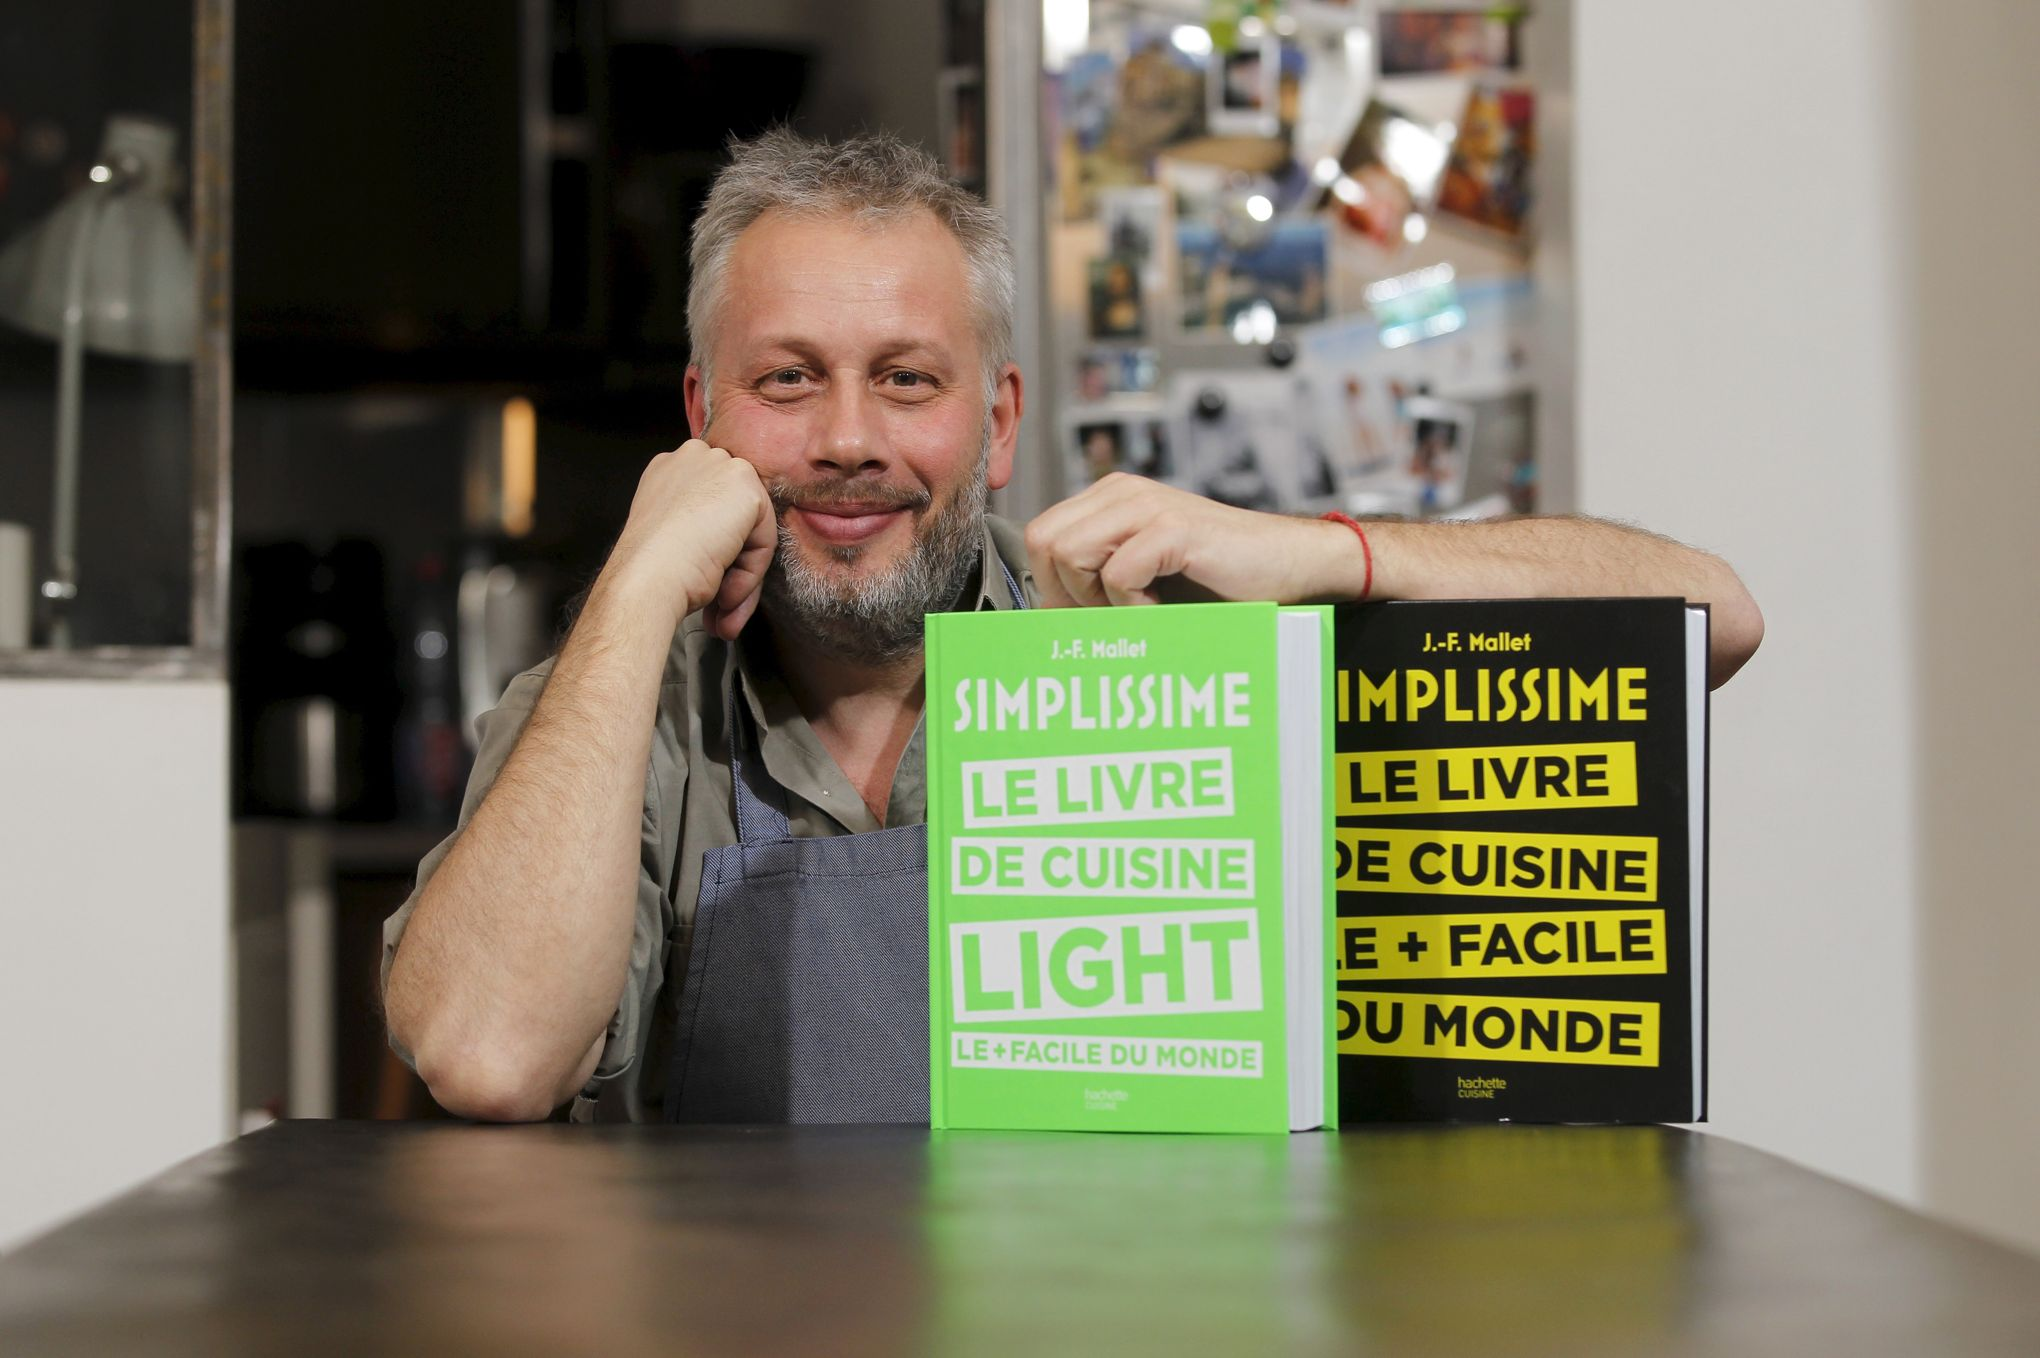 Jean fran ois mallet le chef qui r invente le livre de - Livre de cuisine francaise en anglais ...